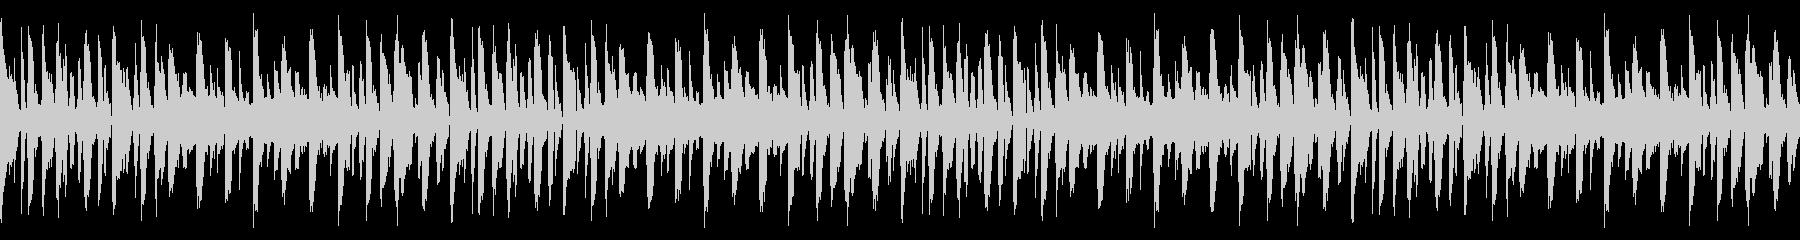 ホッピングループの未再生の波形